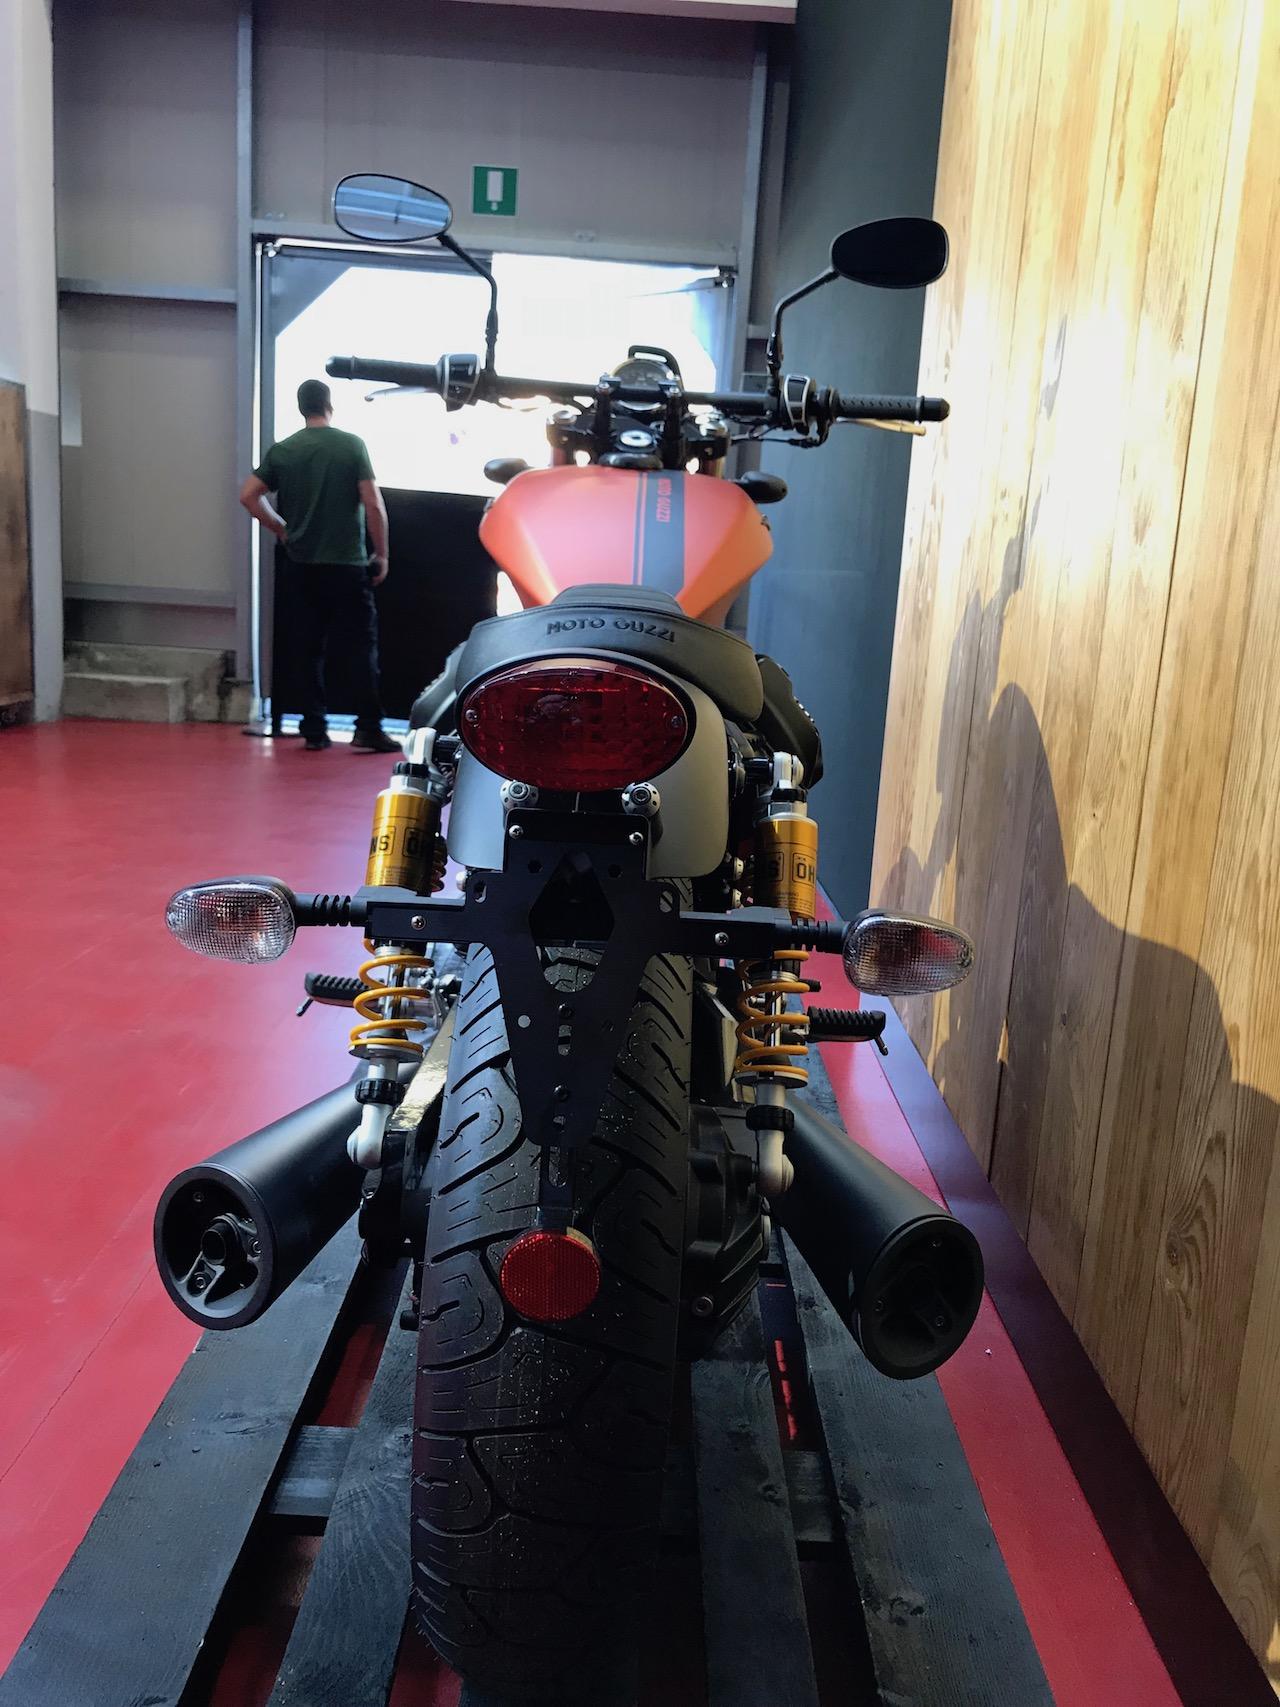 moto guzzi v9 bobber sport 7 13. Black Bedroom Furniture Sets. Home Design Ideas